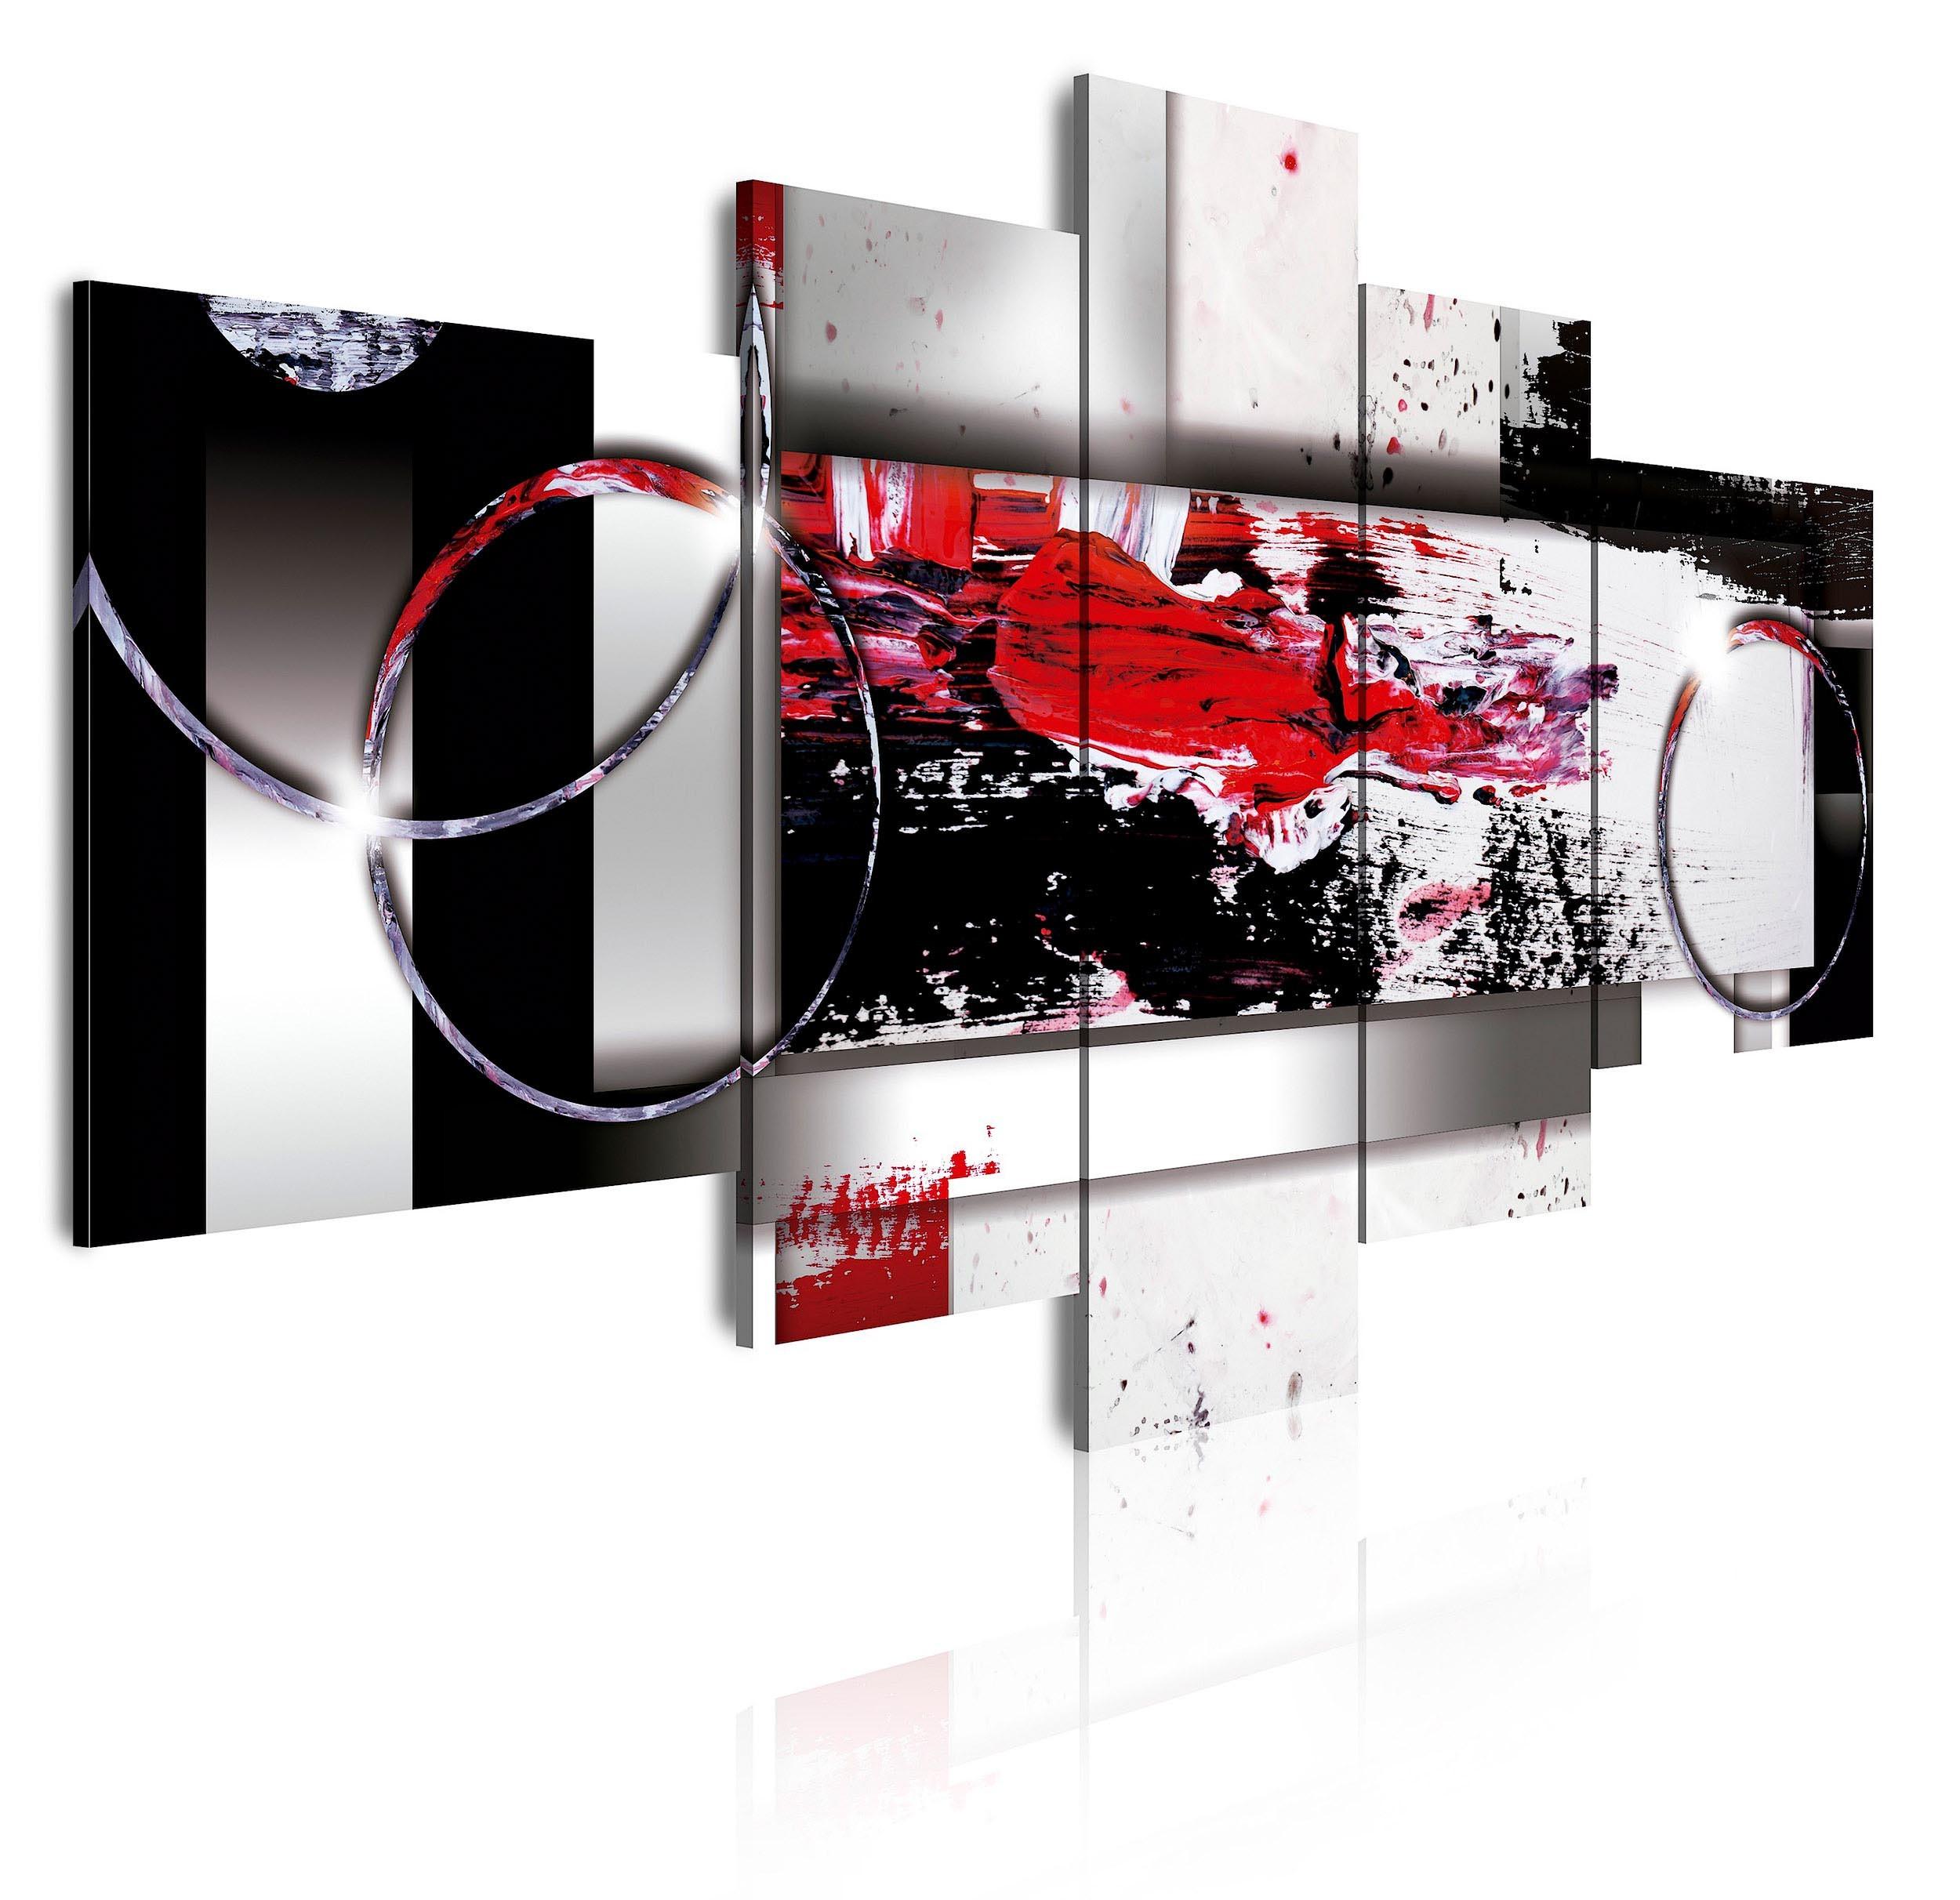 Cuadro de lienzo abstracto abstracto en tonos rojo, blanco y negro